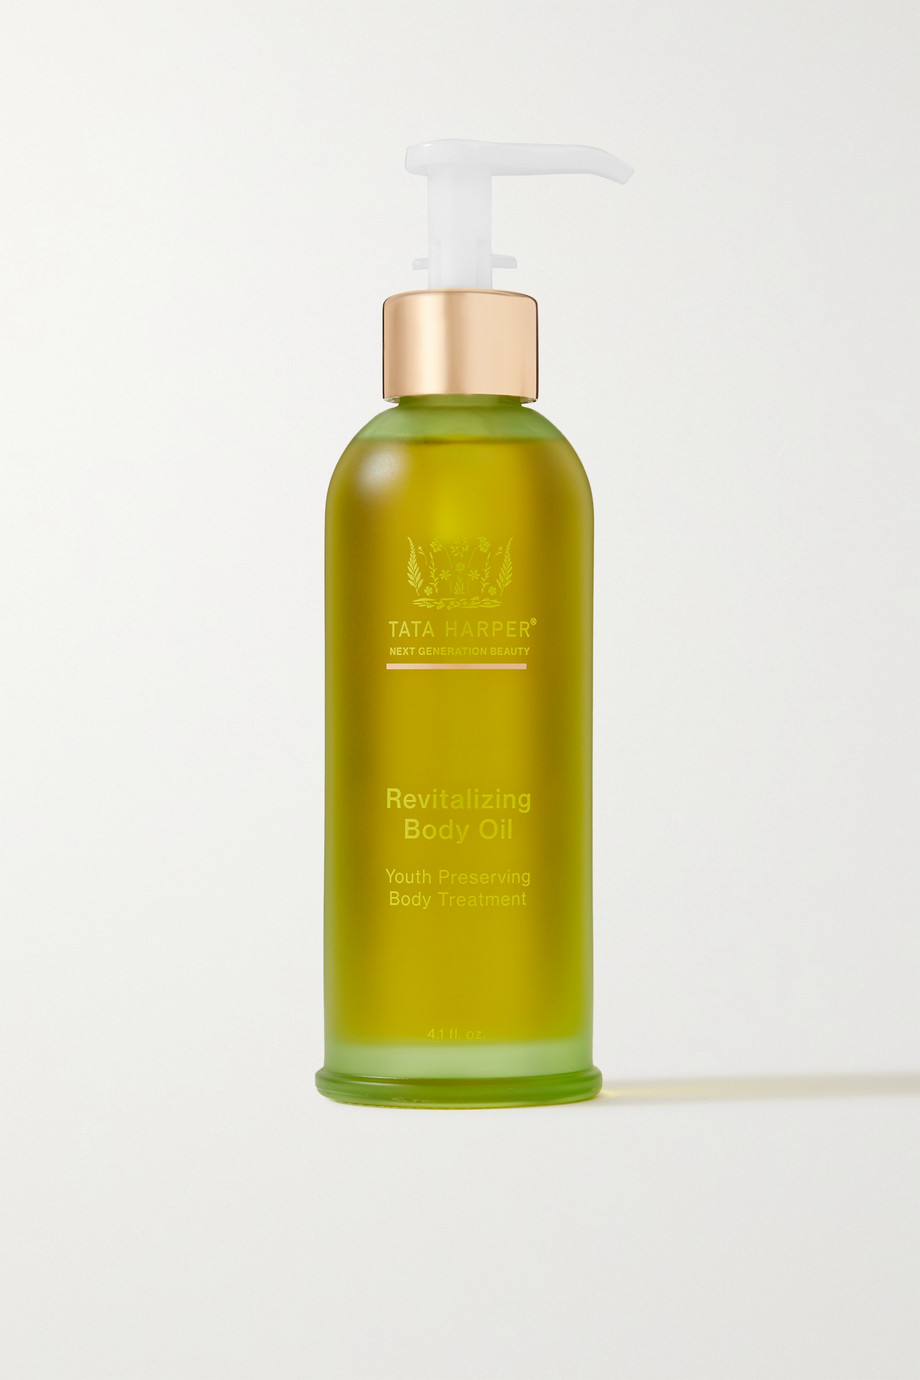 Revitalizing Body Oil, 125ml, by Tata Harper